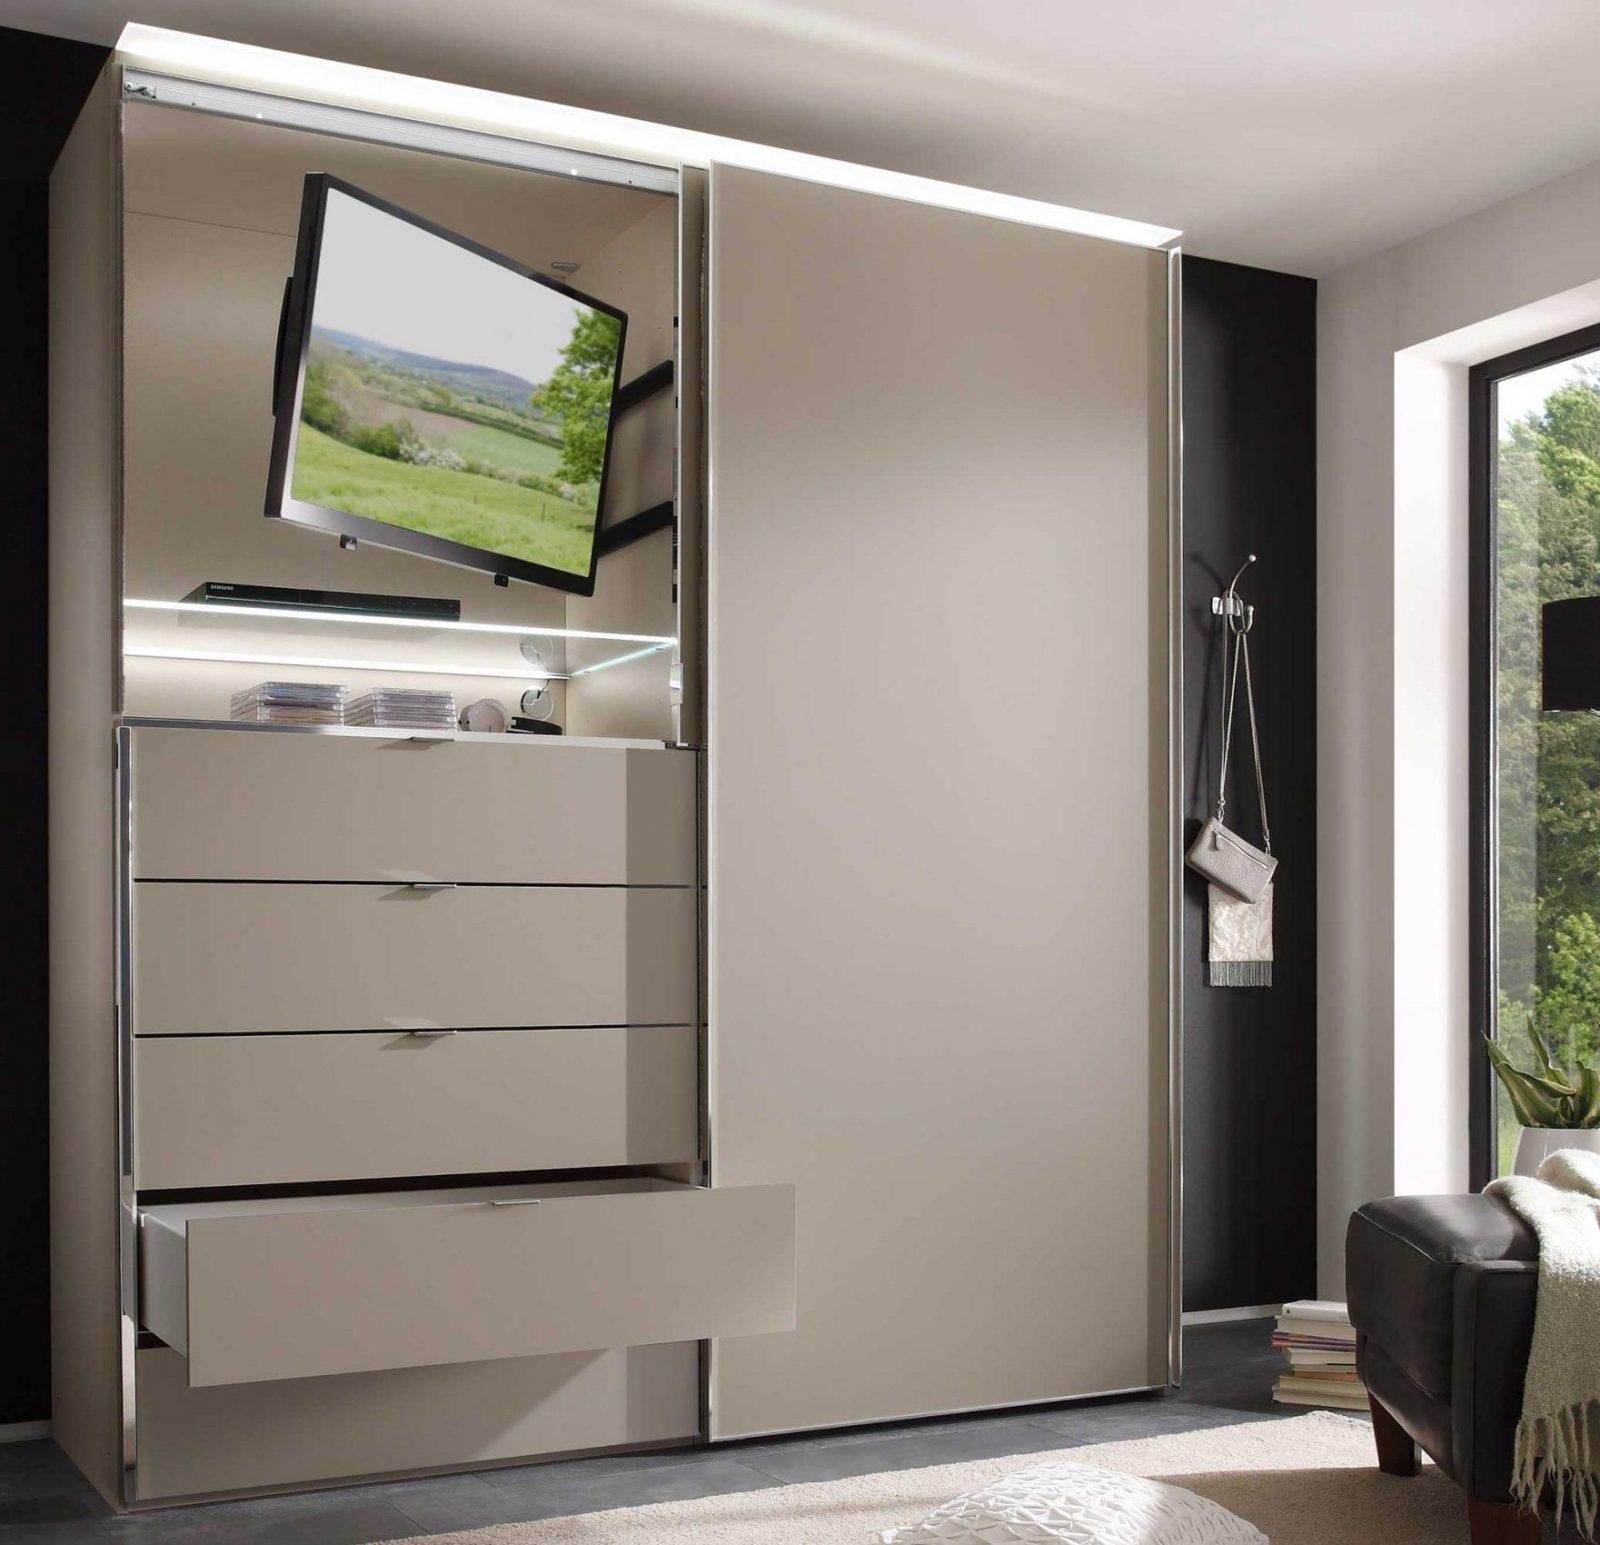 Erstaunlich Mit Fernsehfach Kleiderschrank Hausliche Verbesserung von Kleiderschrank Mit Tv Aussparung Photo